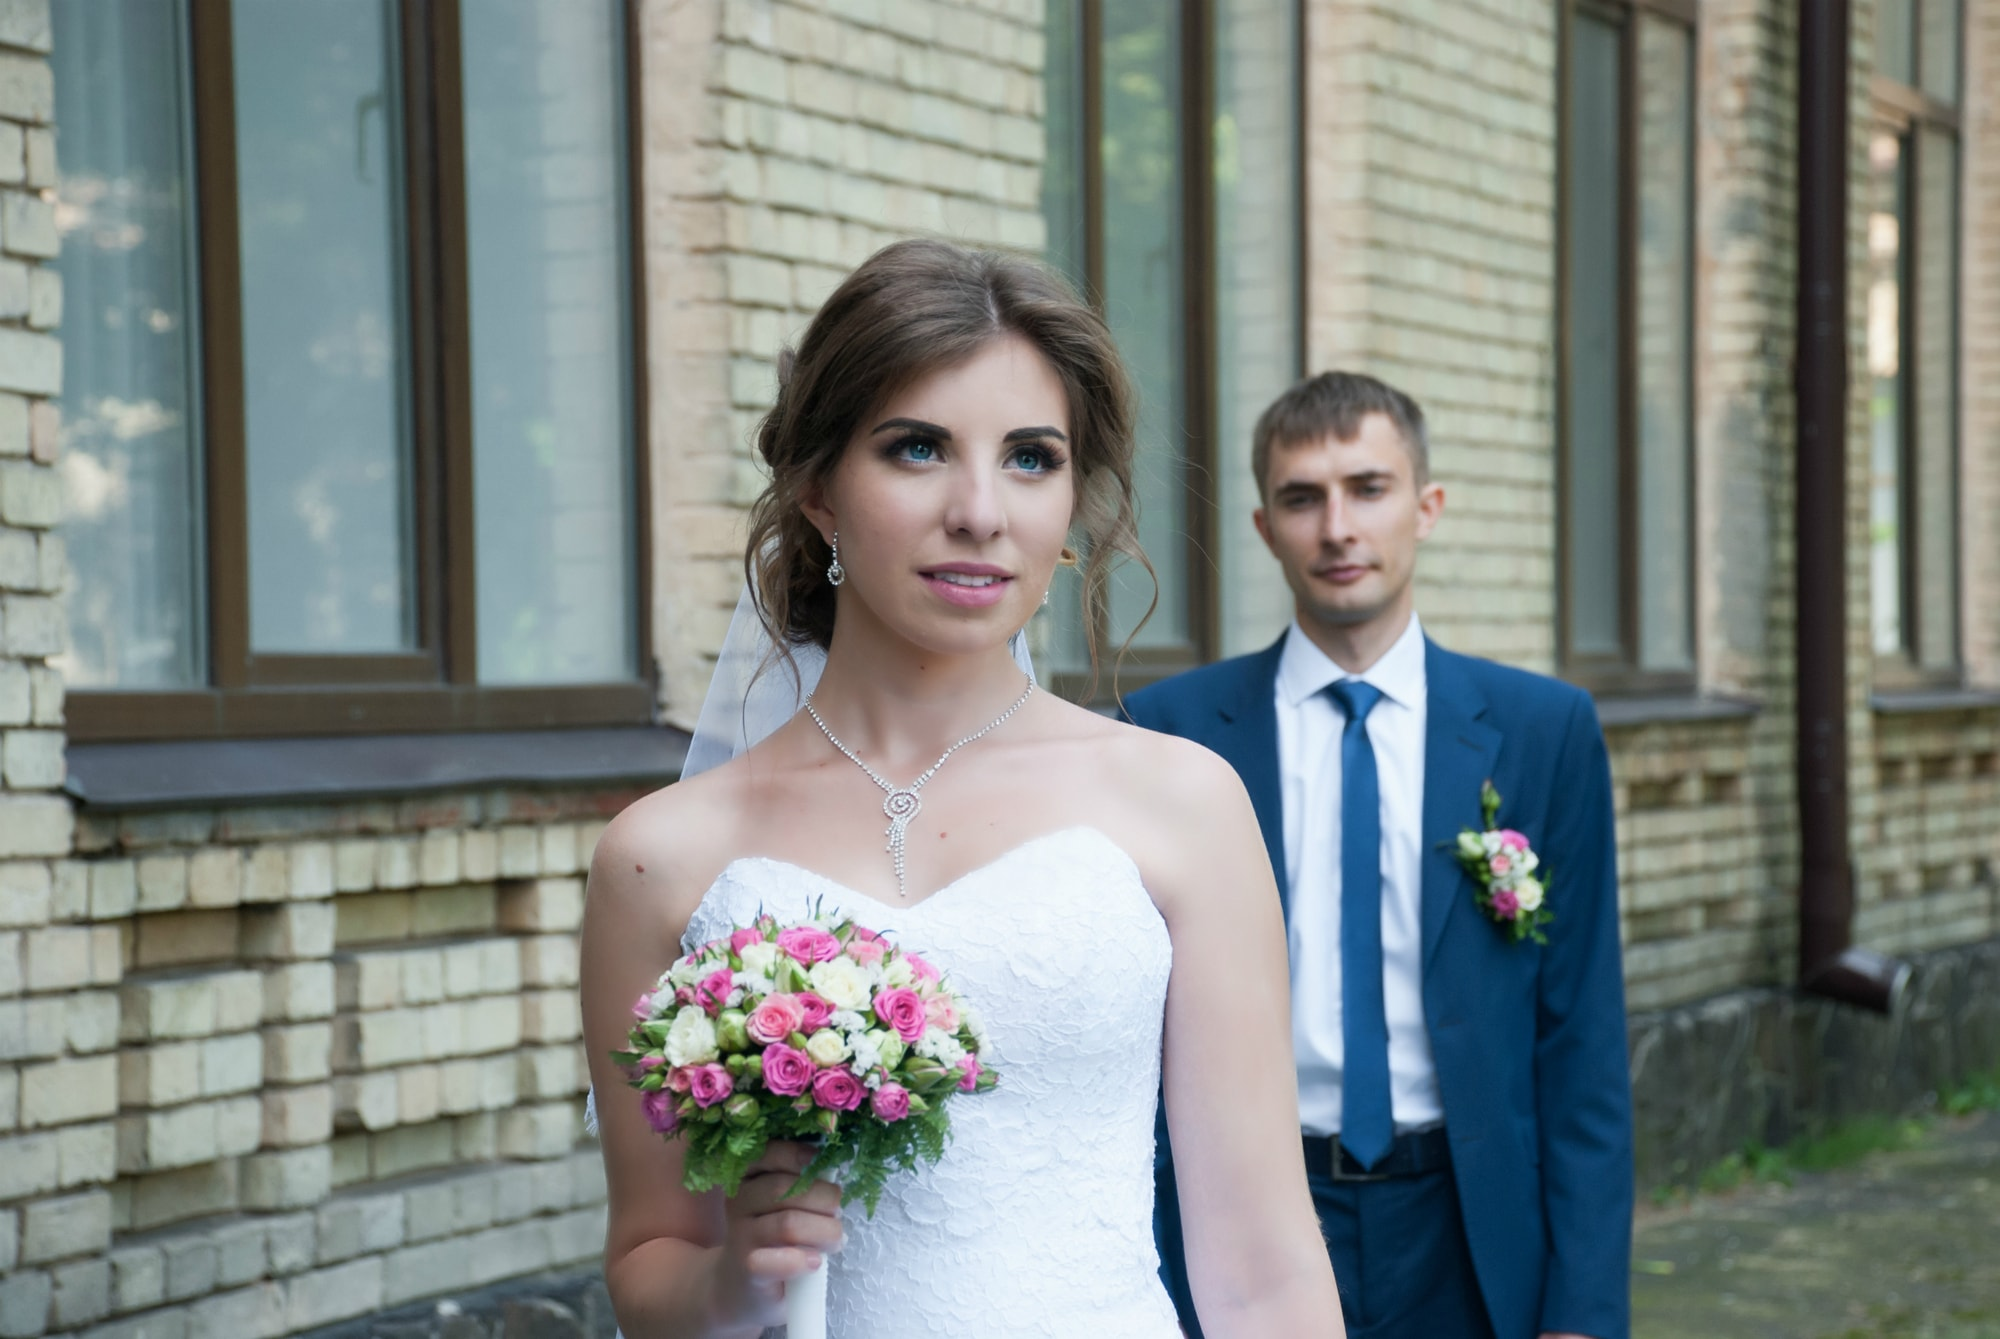 Фото невесты с букетом - Фотограф Киев - Женя Лайт